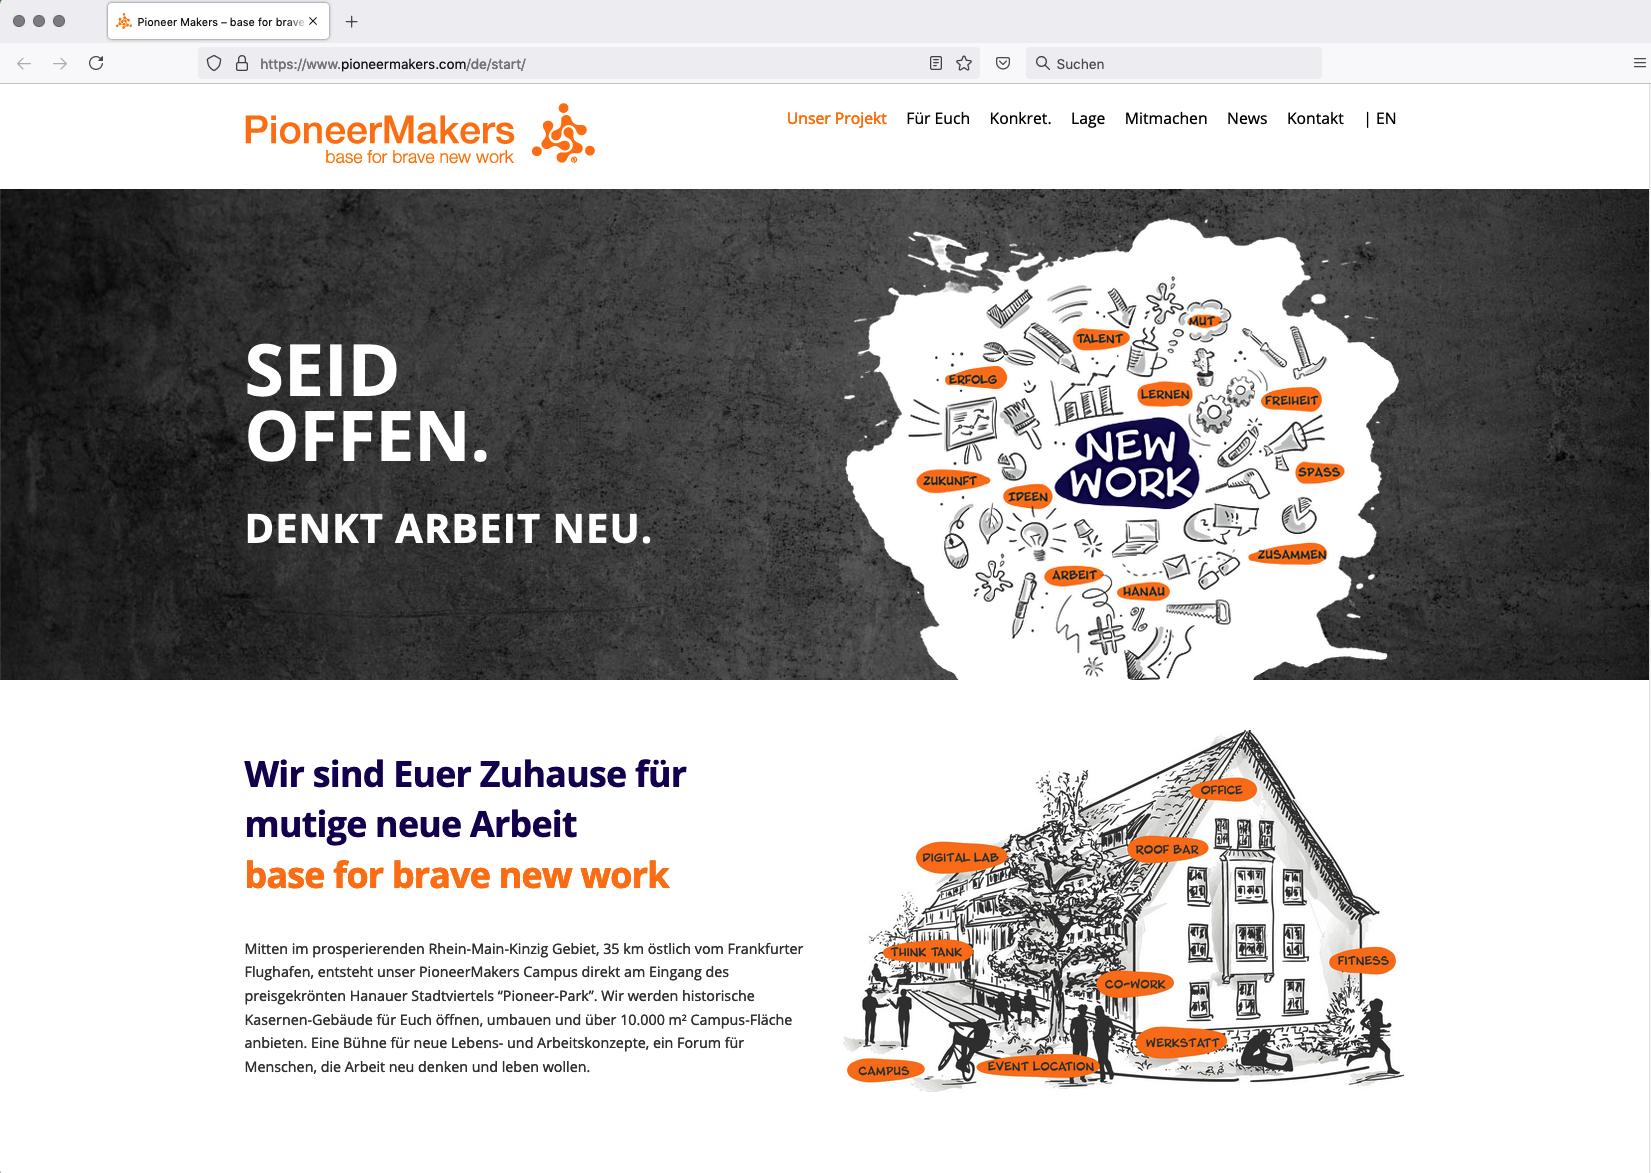 Webseite pioneermakers.com - New Work Campus in Hanau